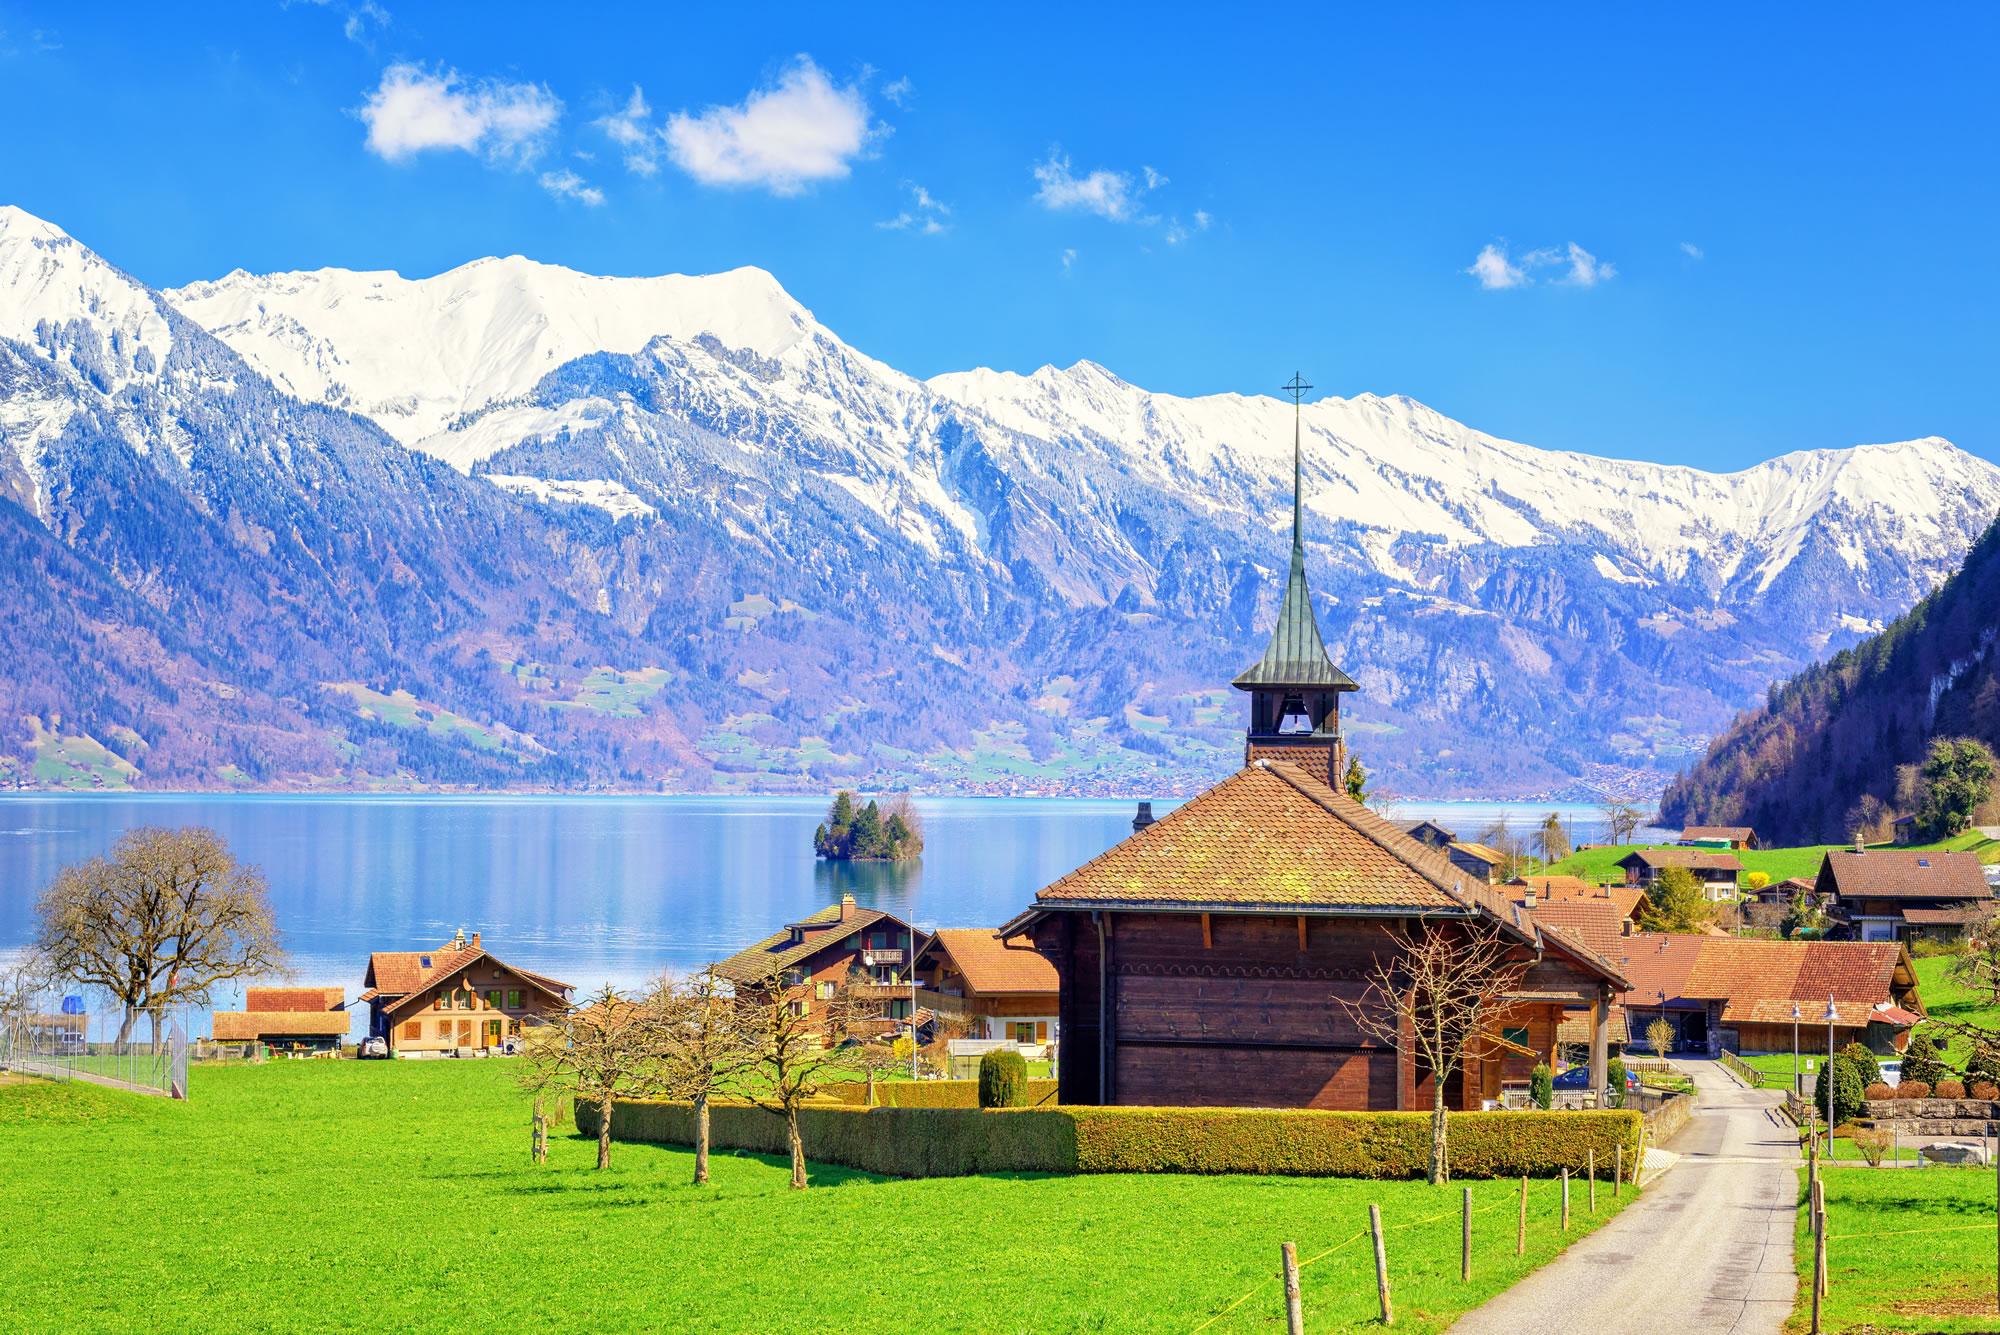 Wooden Church Bern, Switzerland